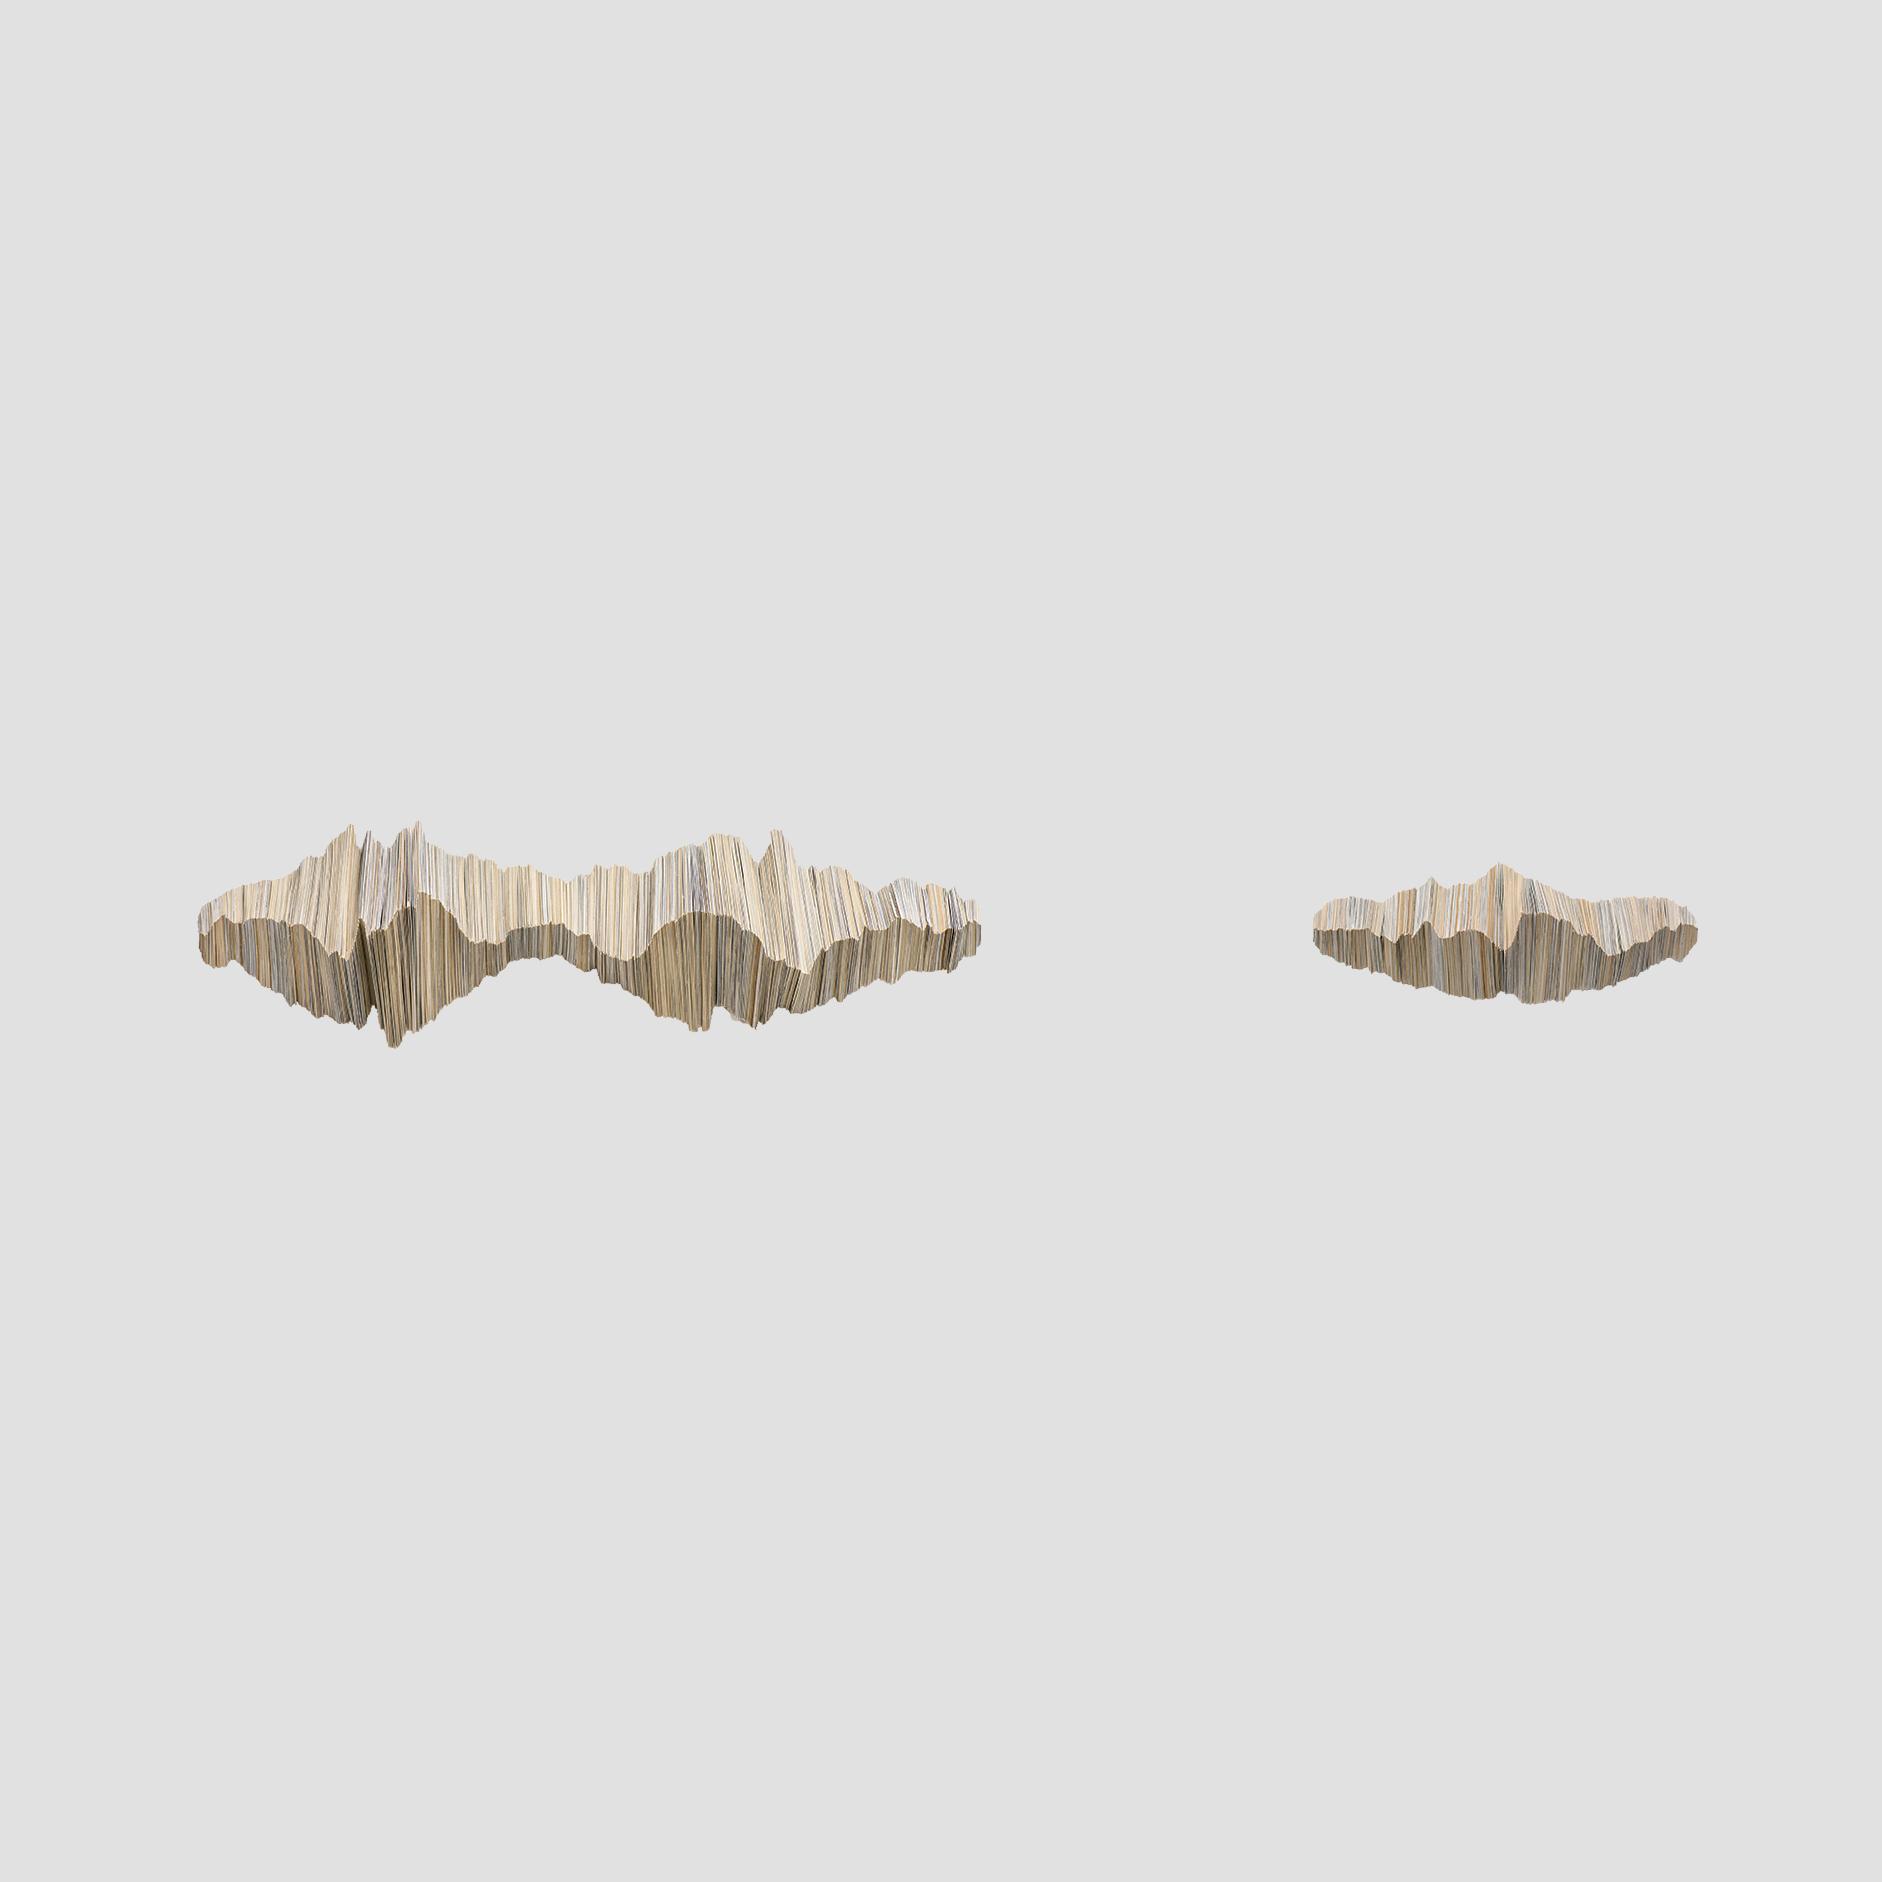 lascas,  2018  fotografias empilhadas  130 x 20 x 12 cm